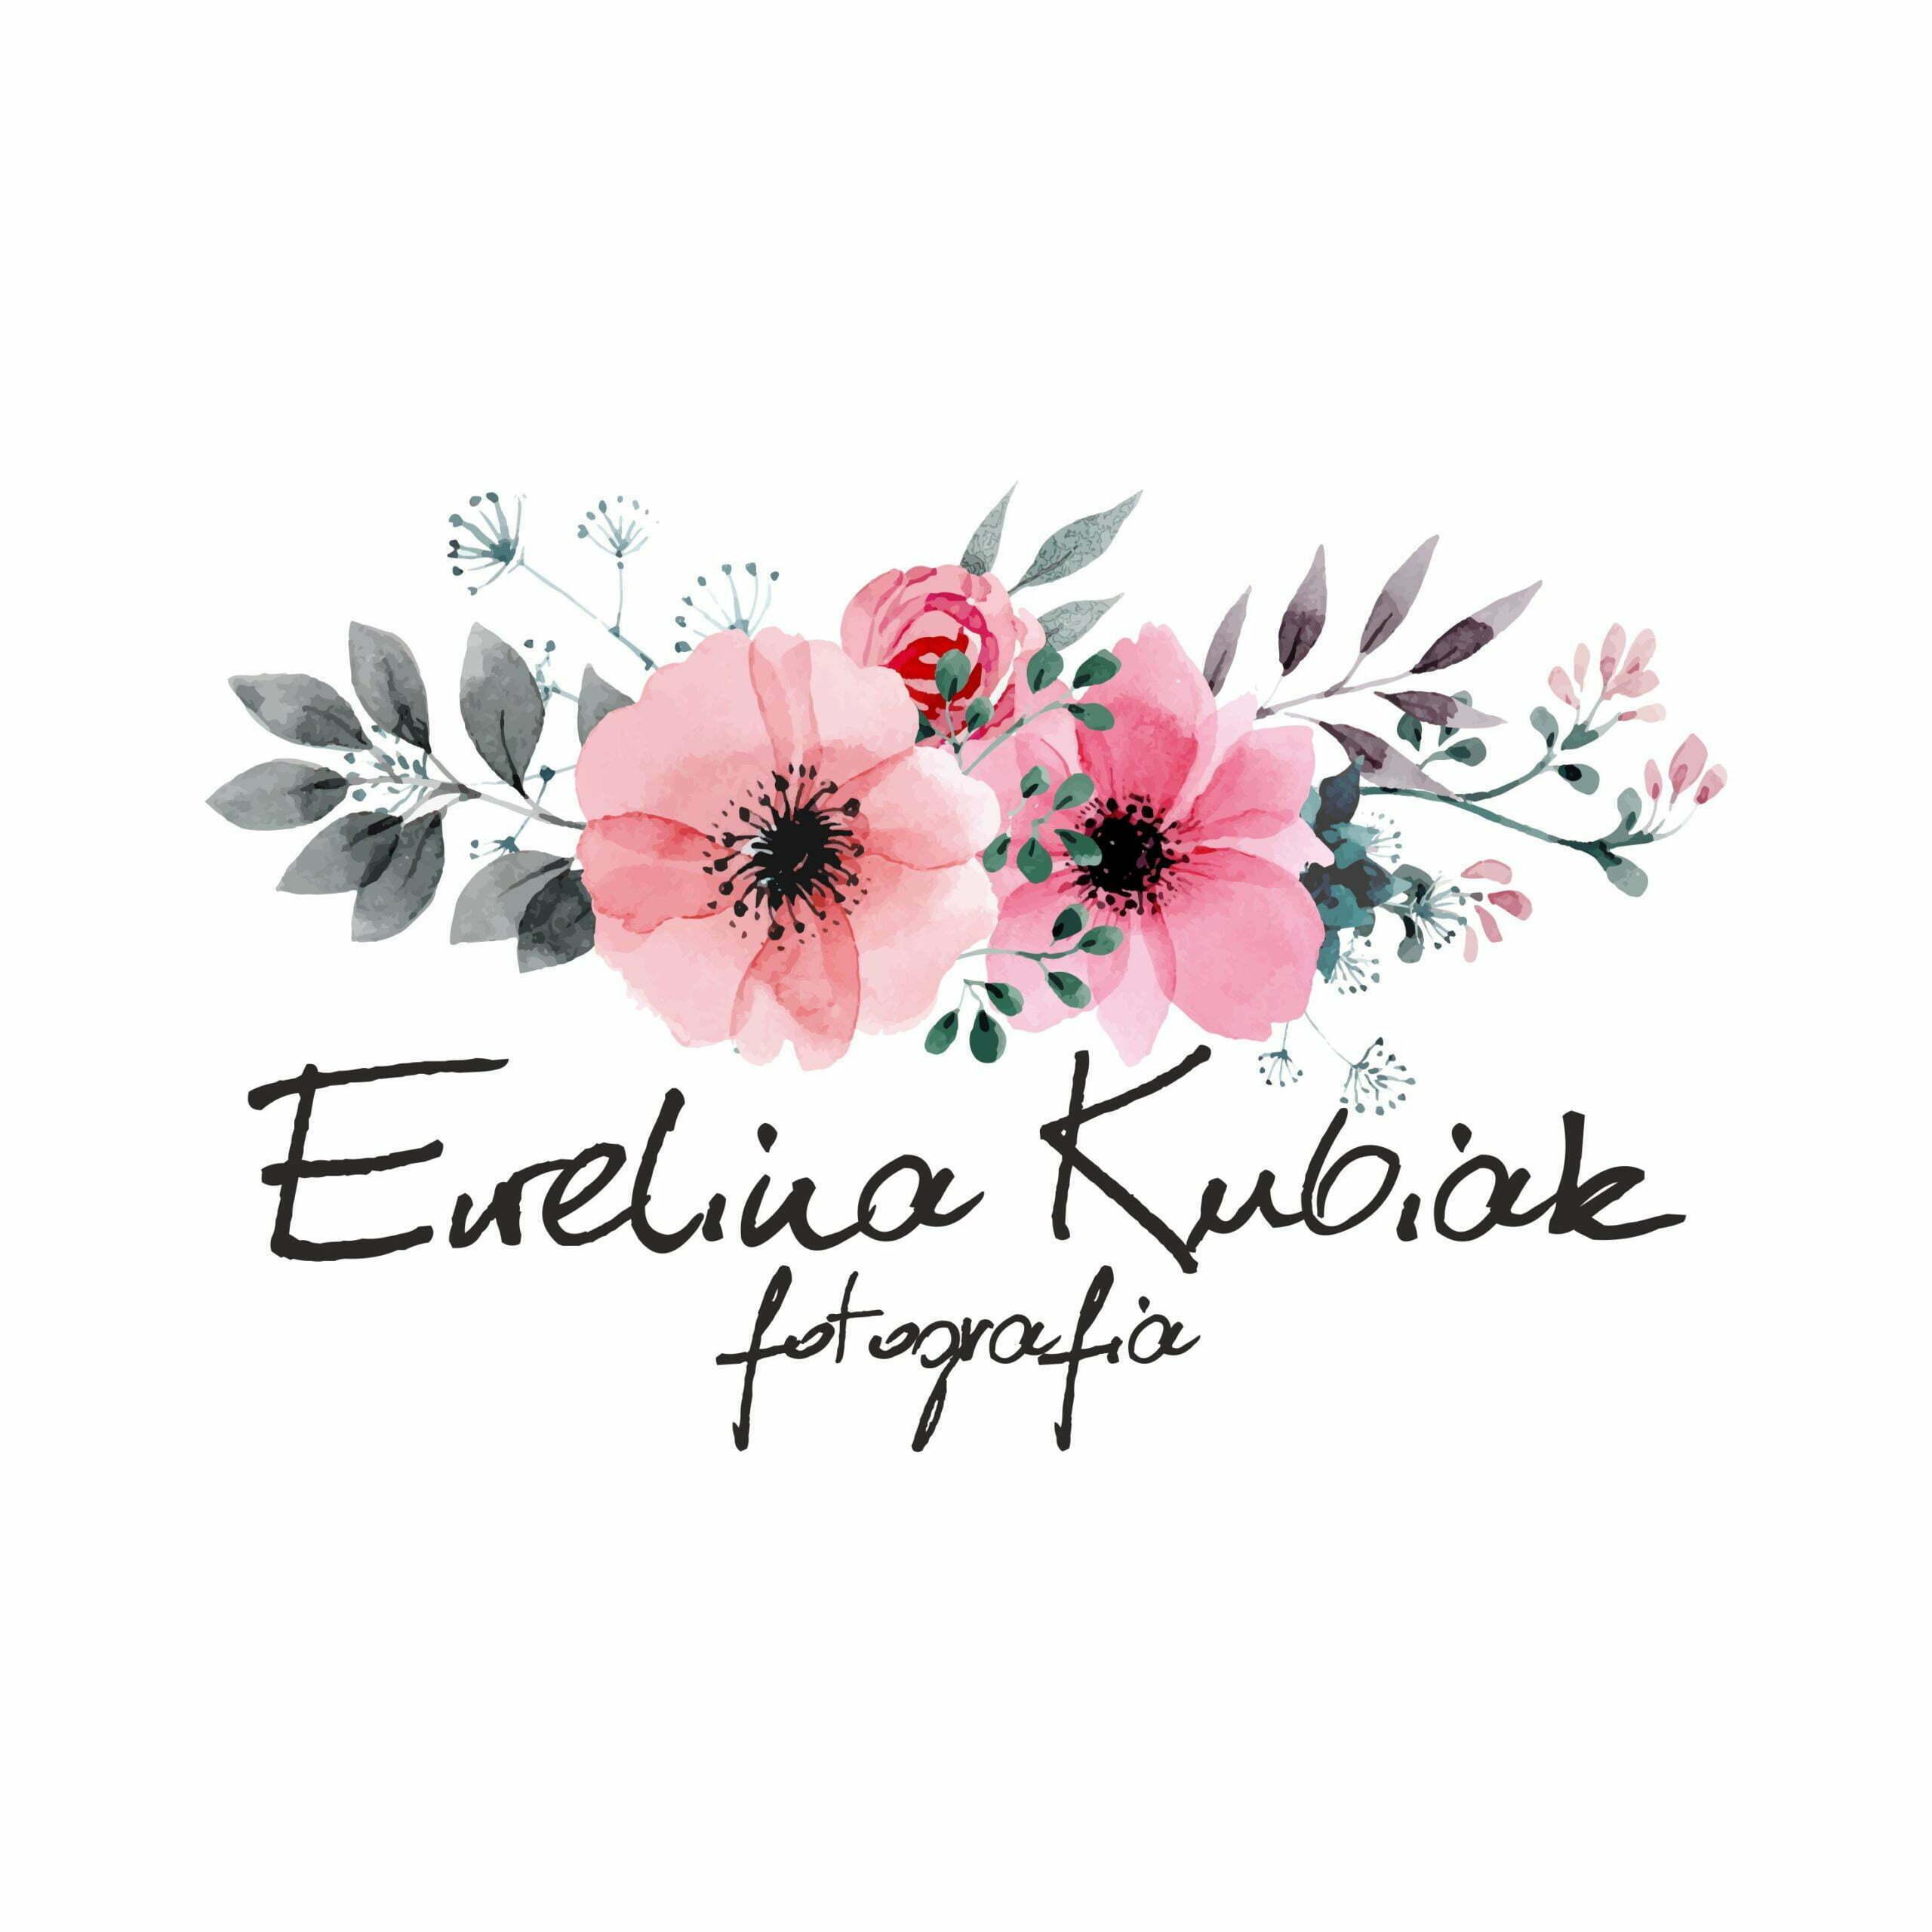 Ewelina Kubiak fotografia